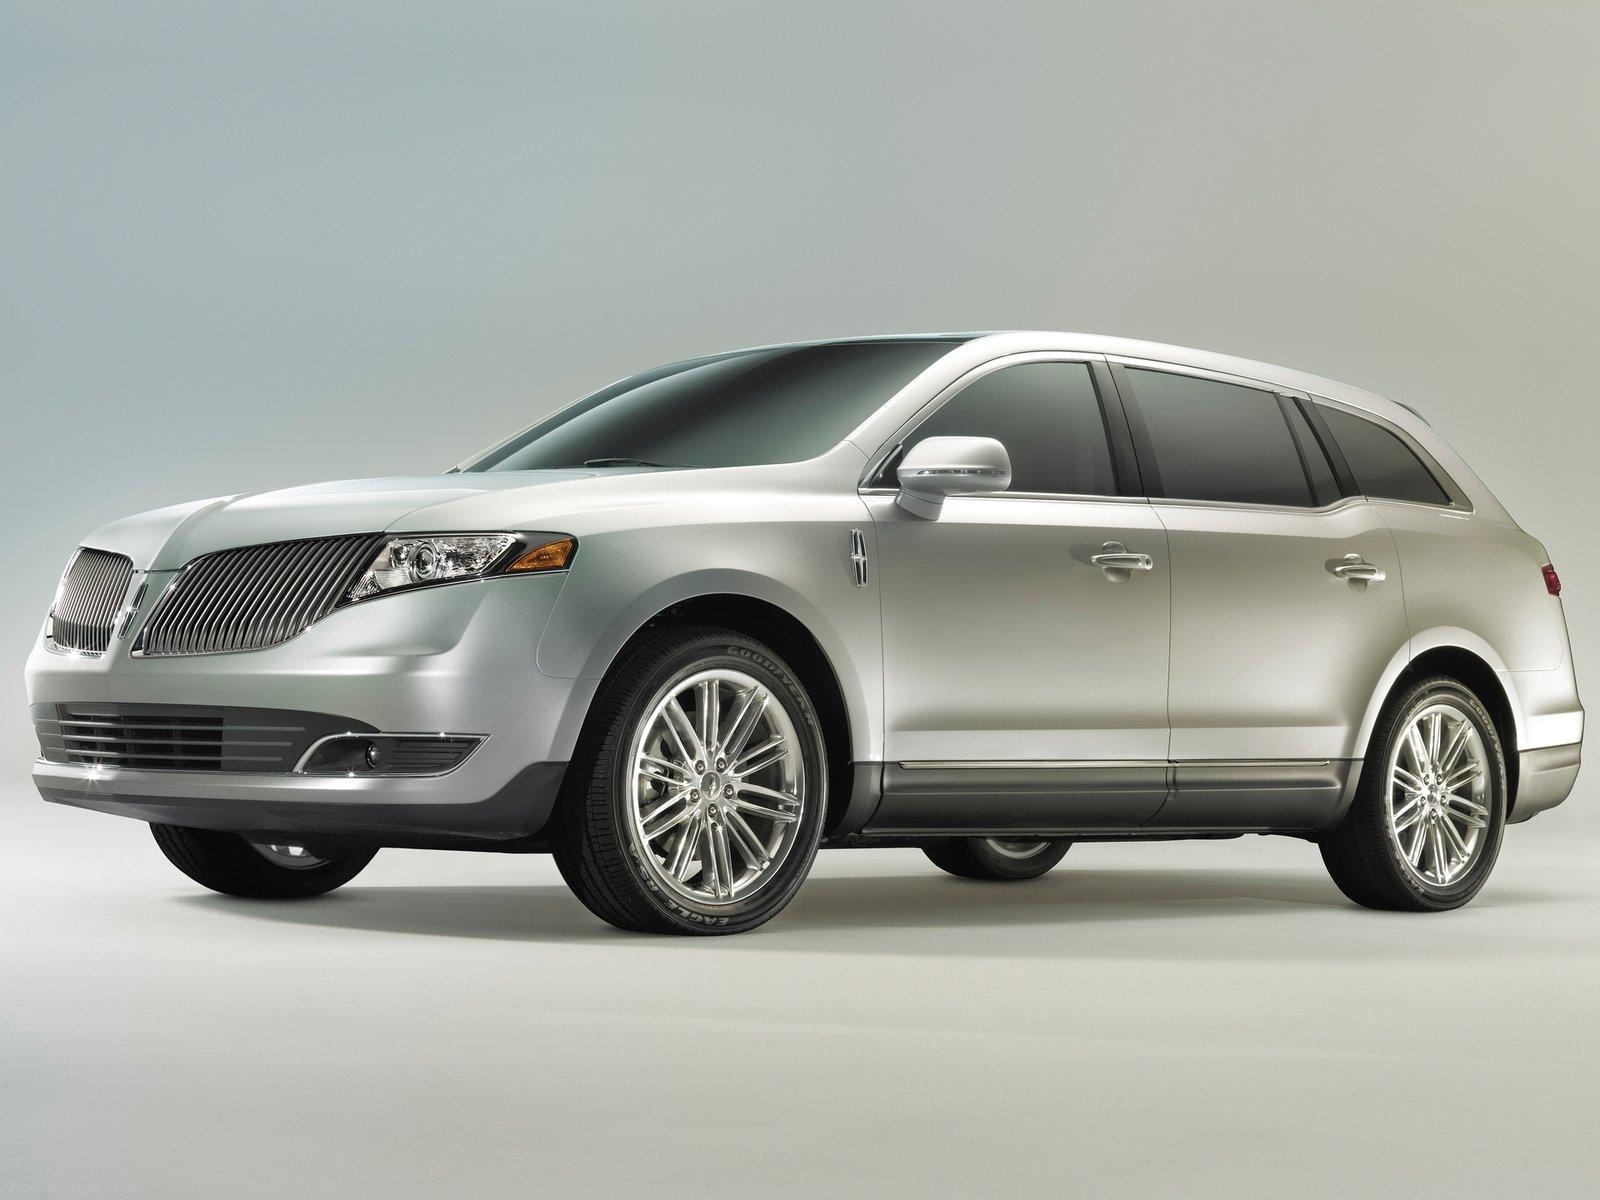 Hình ảnh xe ô tô Lincoln MKT 2013 & nội ngoại thất